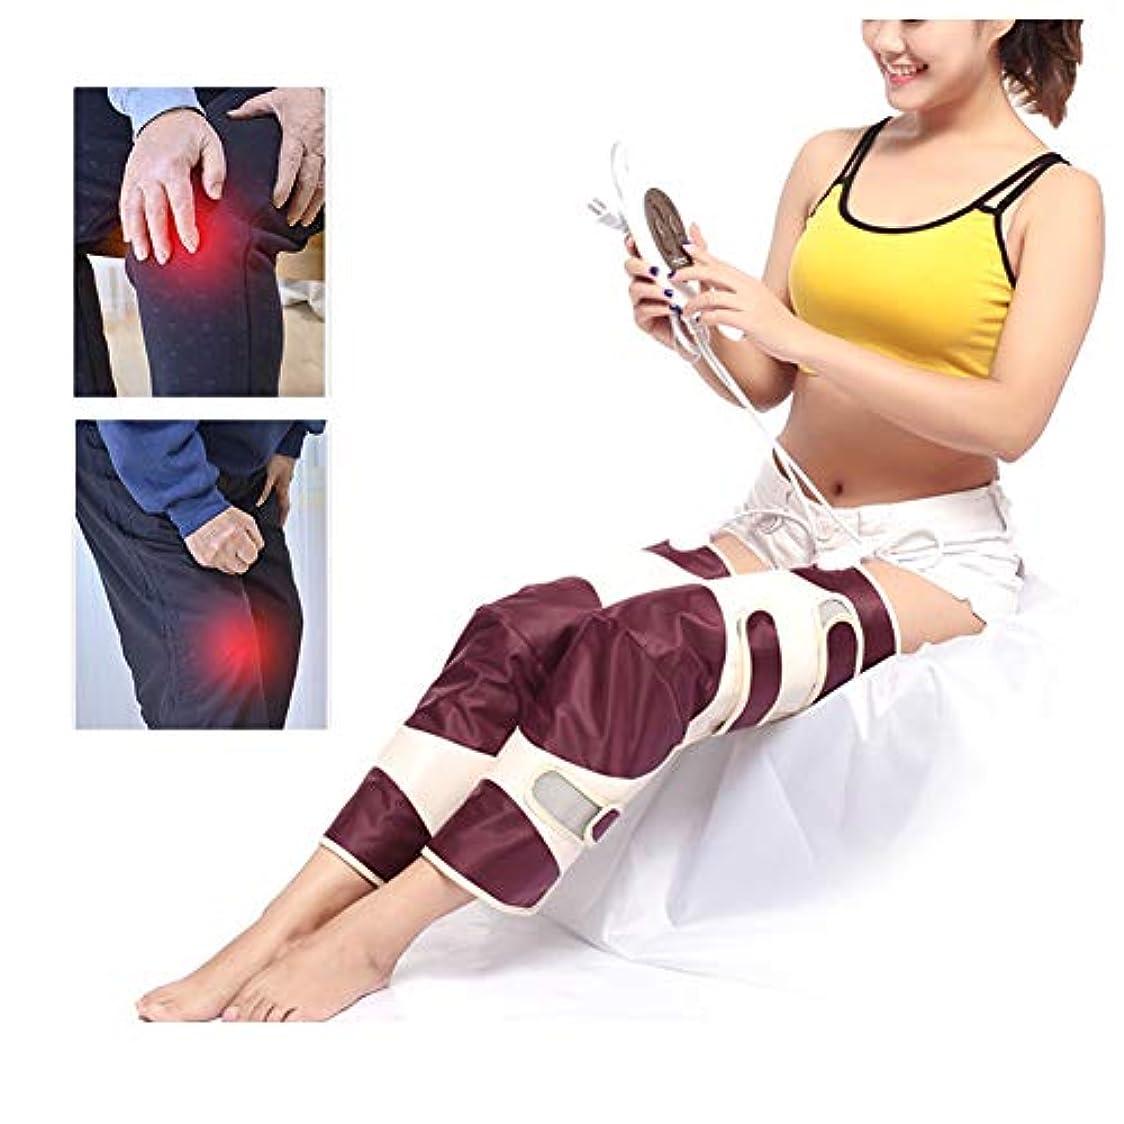 ライオンメジャーブレンド関節炎の痛みのための電気加熱膝パッド加熱膝ブレース遠赤外線治療マッサージャー